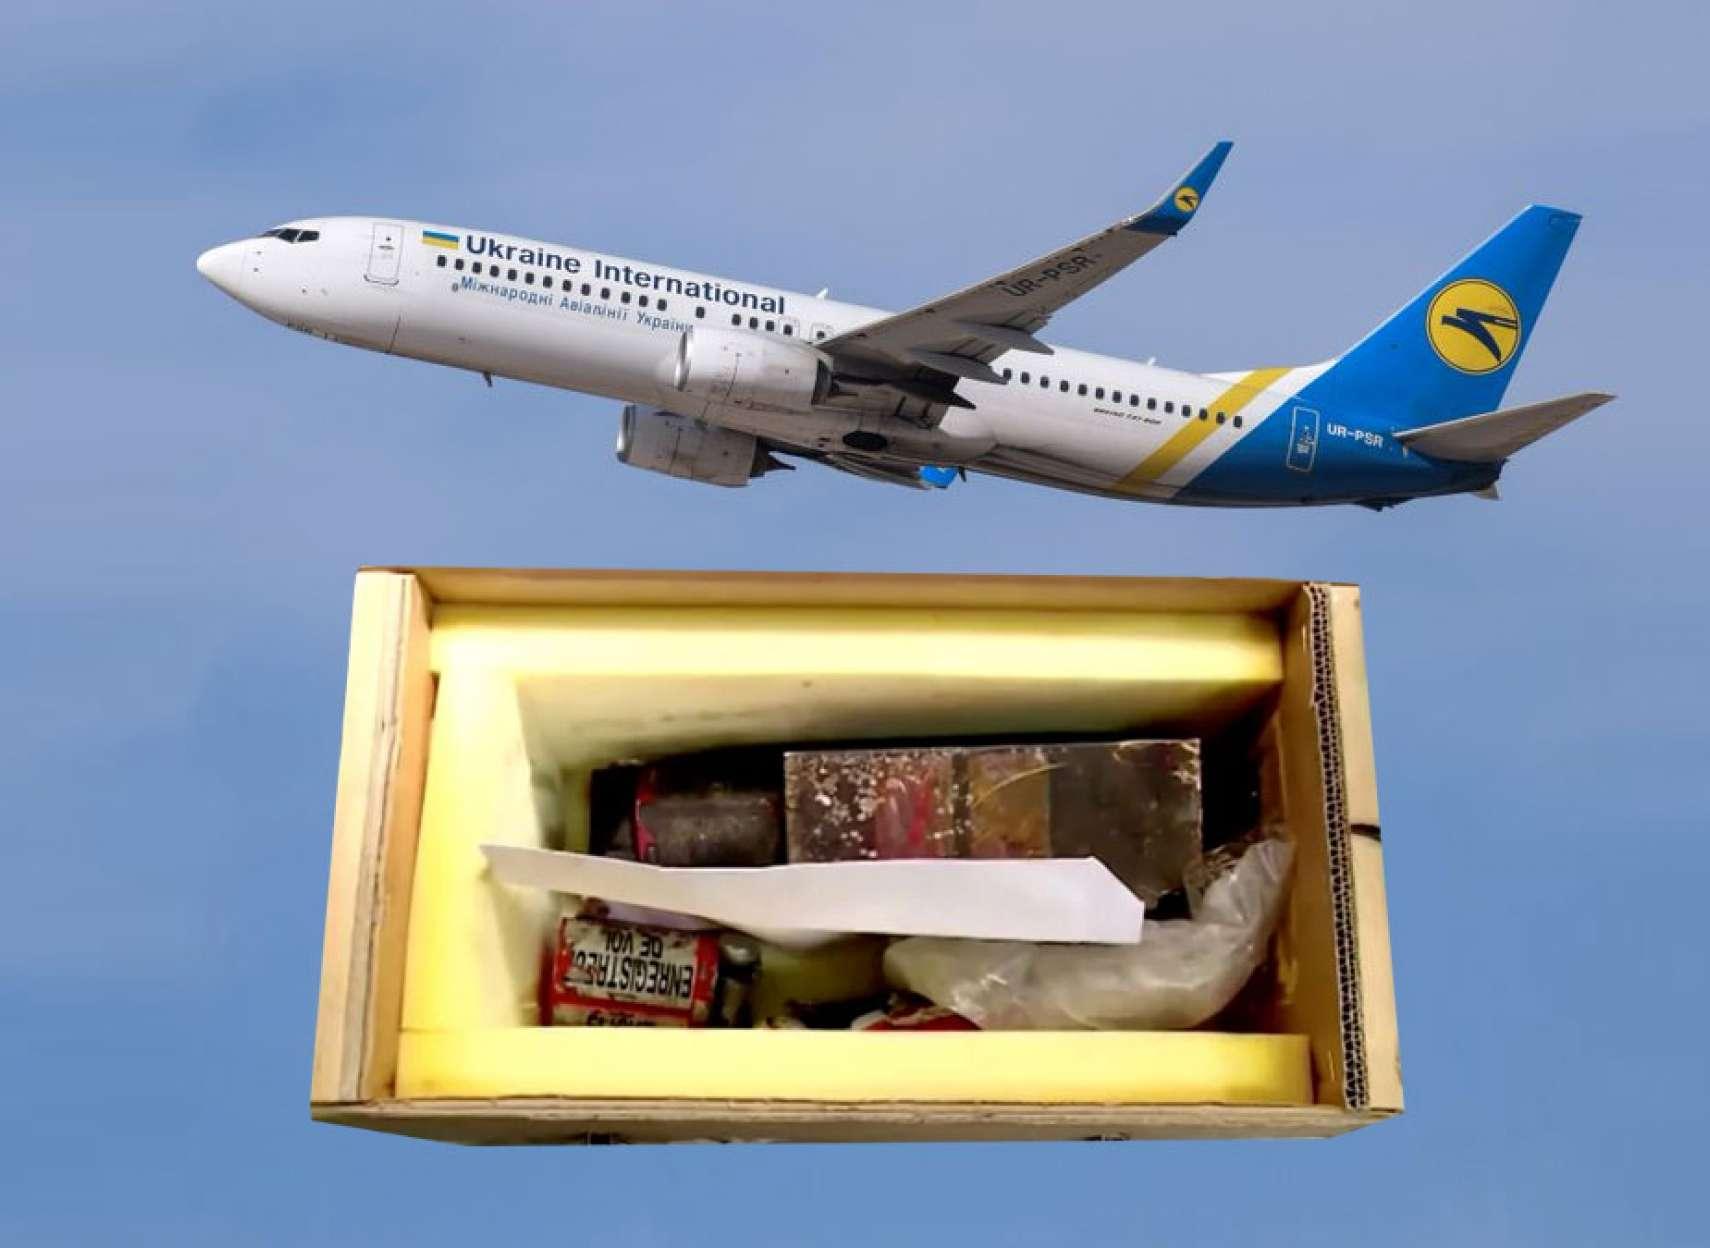 اخبار-کانادا-اعلان-رسمی-سازمان-ملل-جعبه-سیاه-هواپیمای-ساقط-شده-اوکراینی-ماه-بعد-به-فرانسه-می-رود